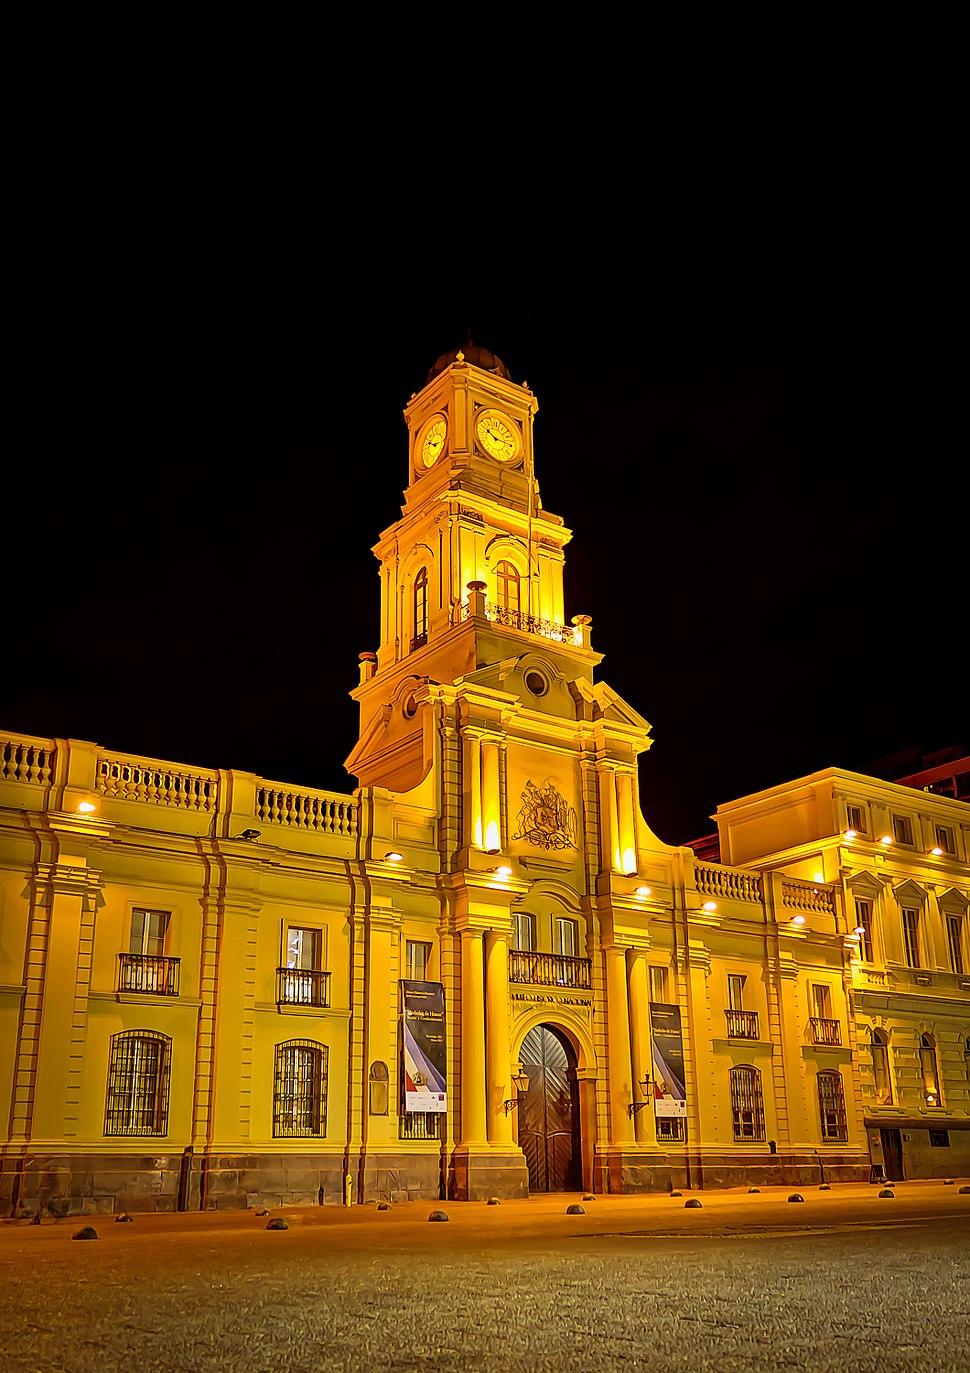 Museo Hist%C3%B3rico Nacional